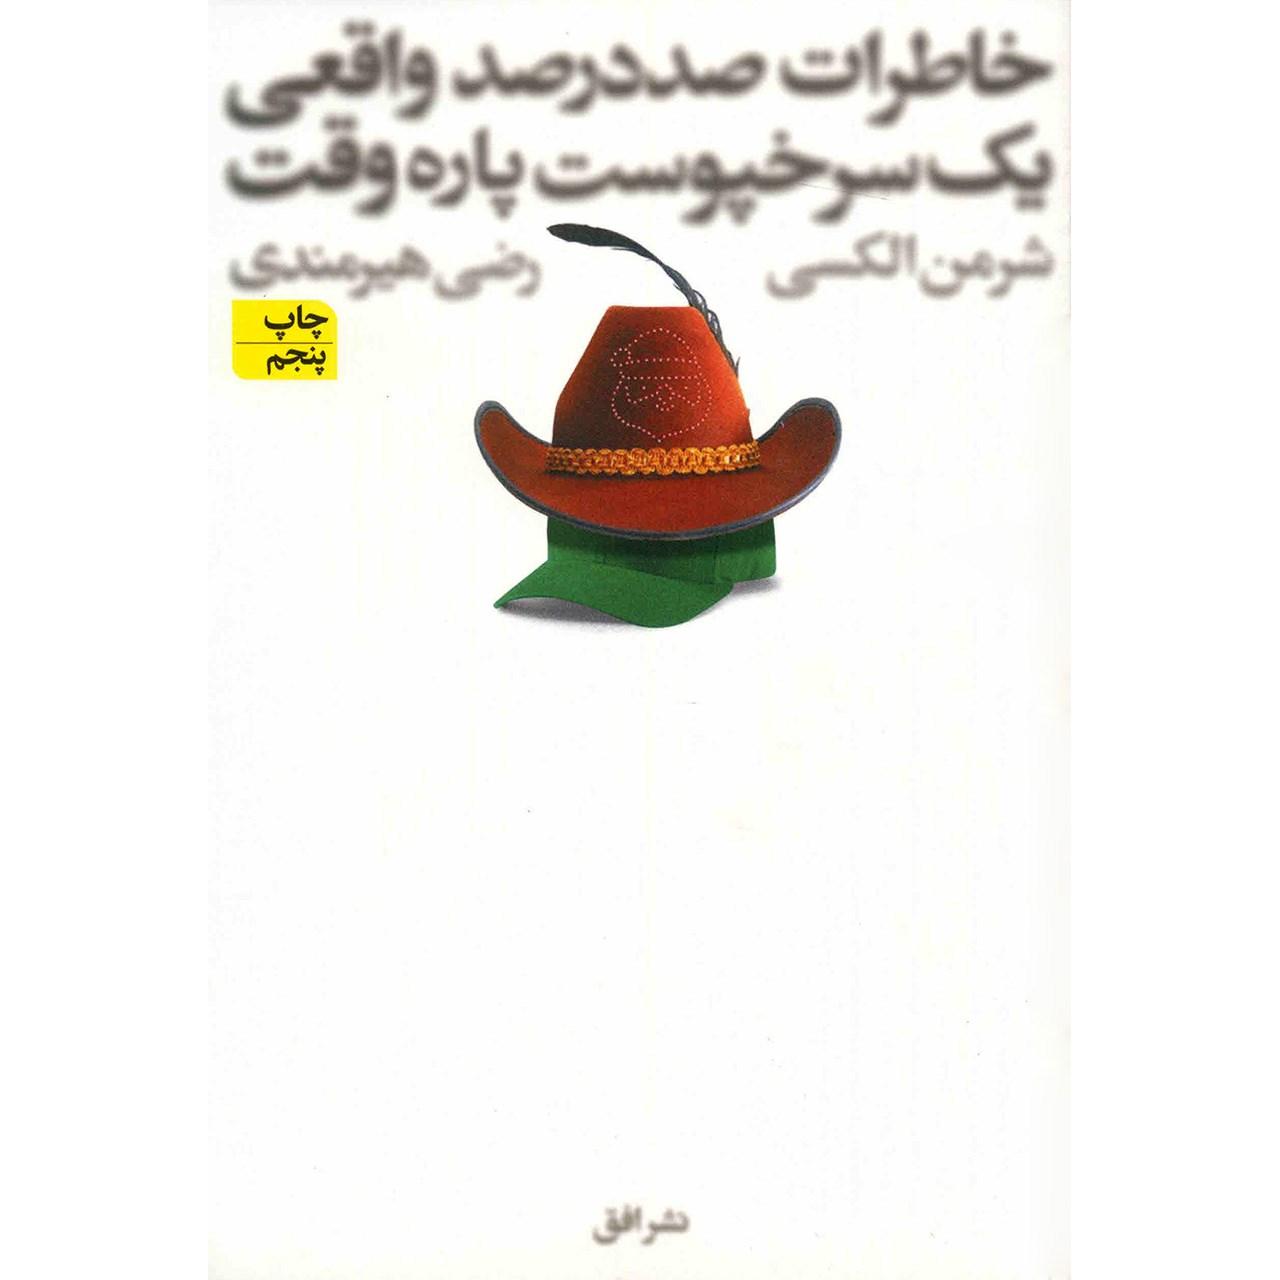 خرید                      کتاب خاطرات صد در صد واقعی یک سرخپوست پاره وقت اثر شرمن الکسی